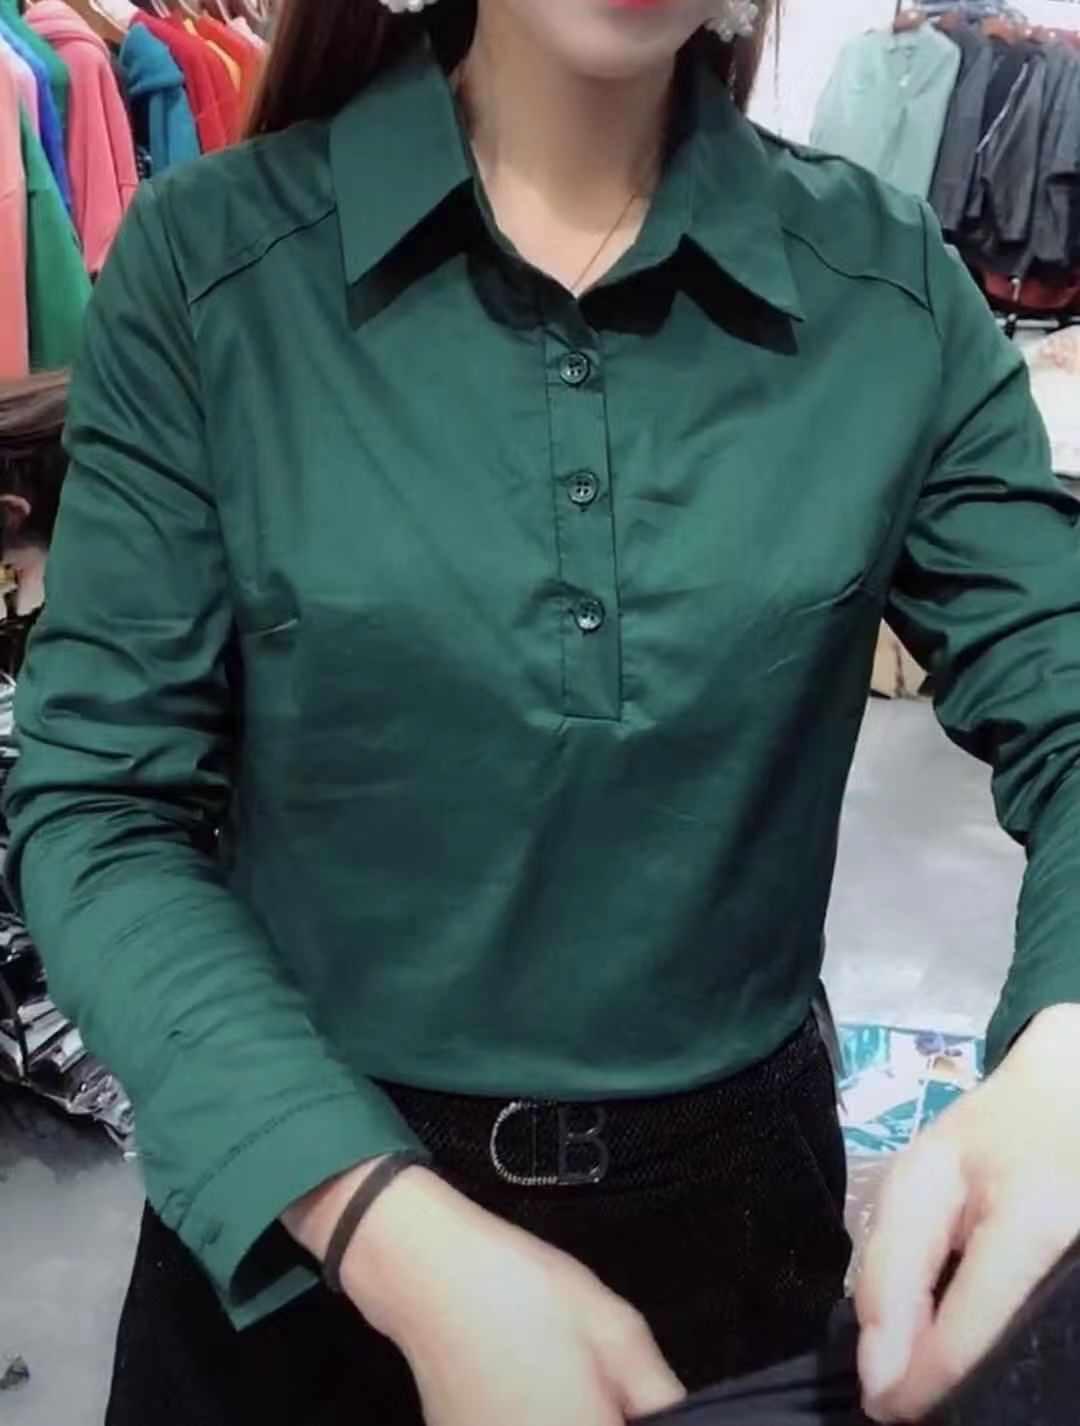 衬衫 网红秋冬季新款时尚加绒衬衫女韩版翻领长袖简约纯色百搭打底衫超_推荐淘宝好看的女衬衫